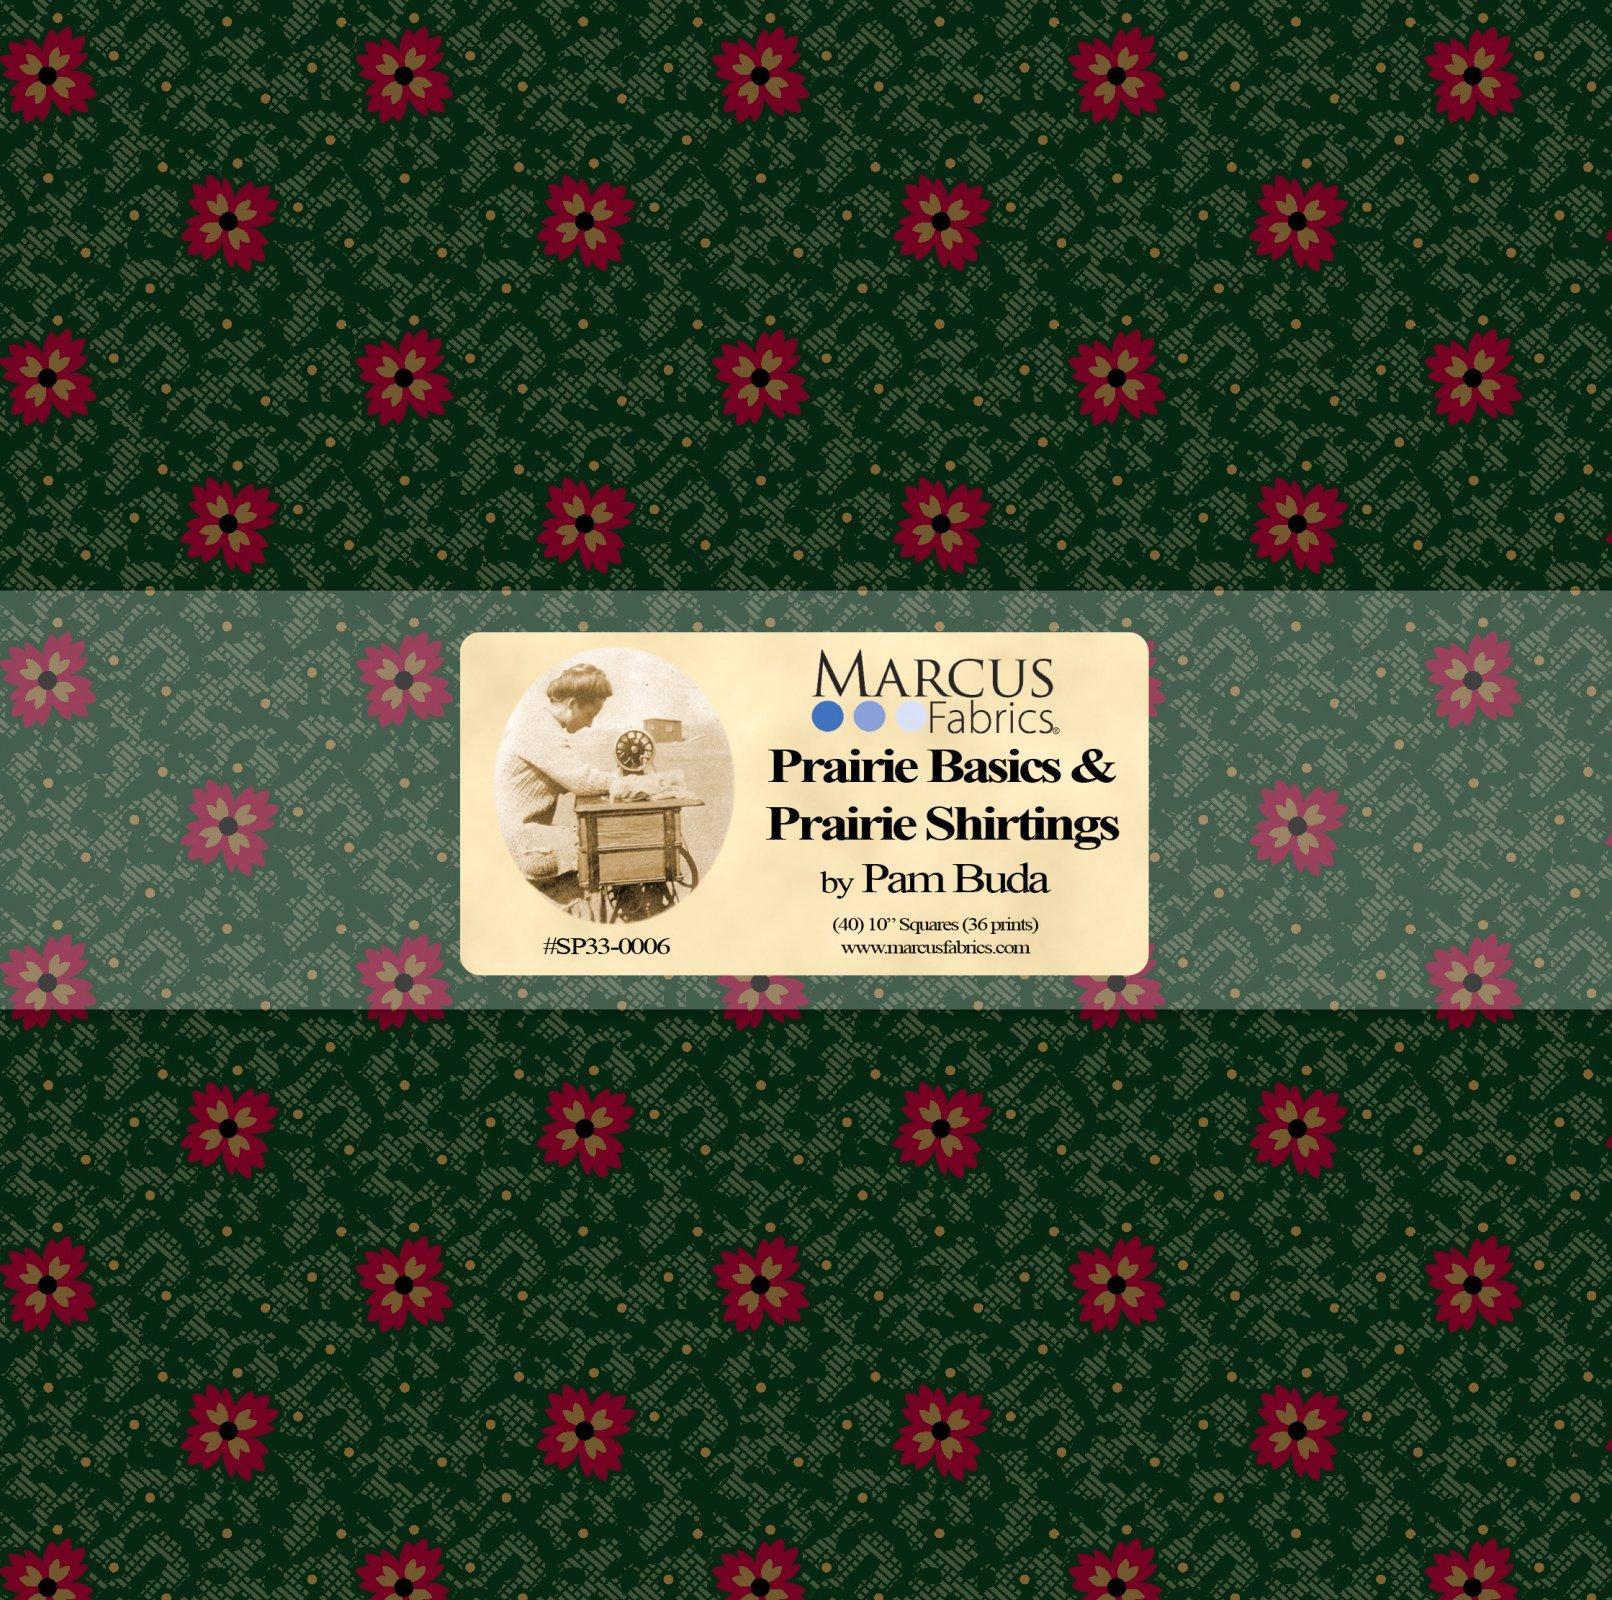 Prairie Basics 10 x 10 Squares